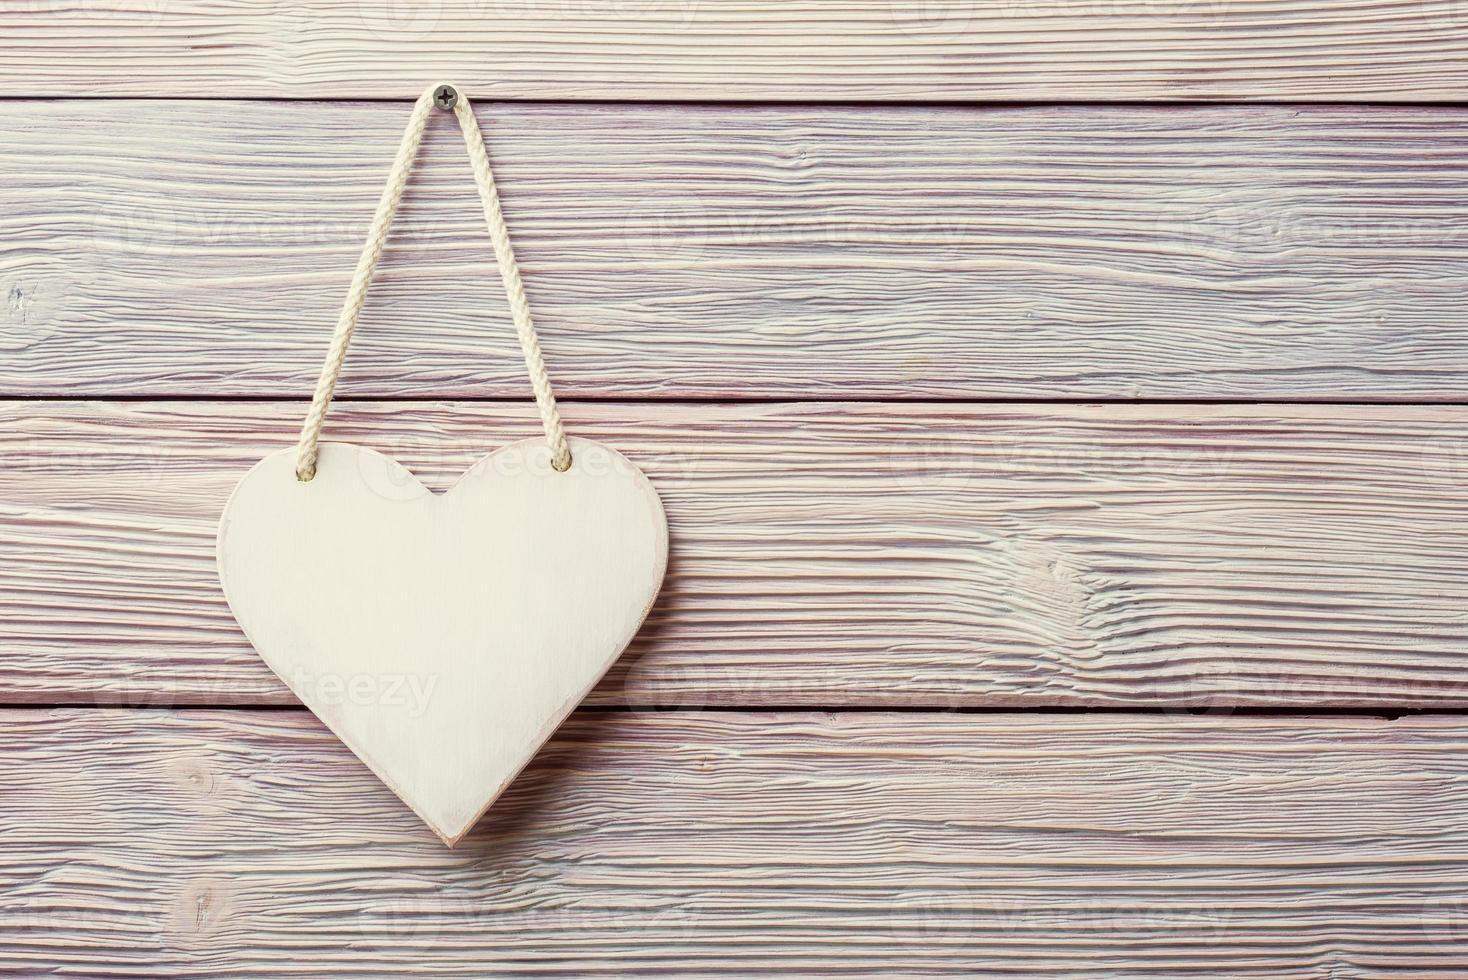 cuore bianco che incombe su sfondo vintage in legno chiaro foto